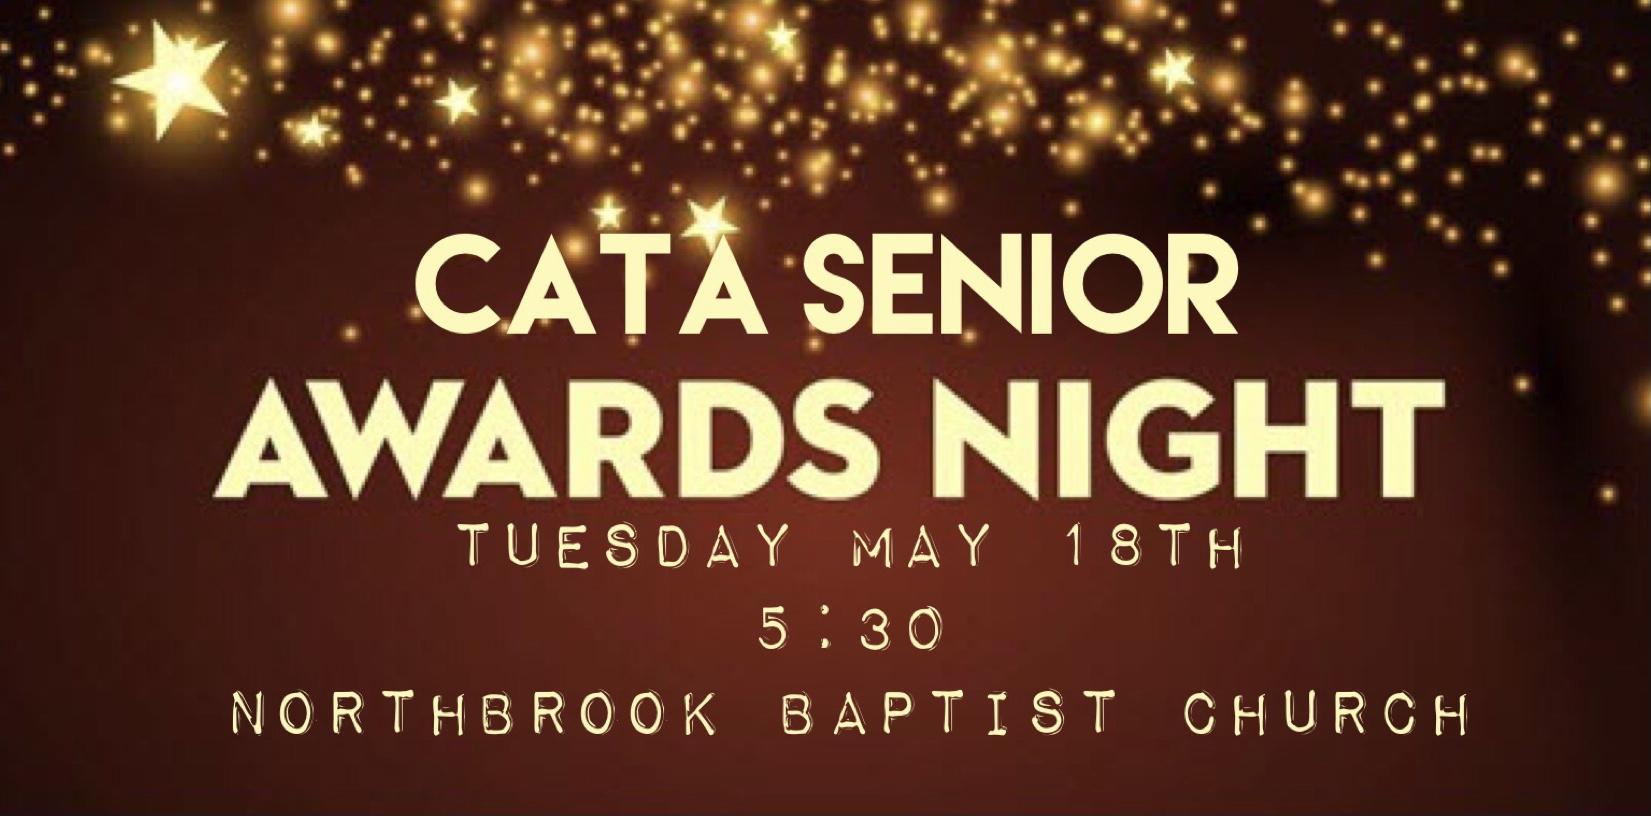 CATA Senior Awards Night